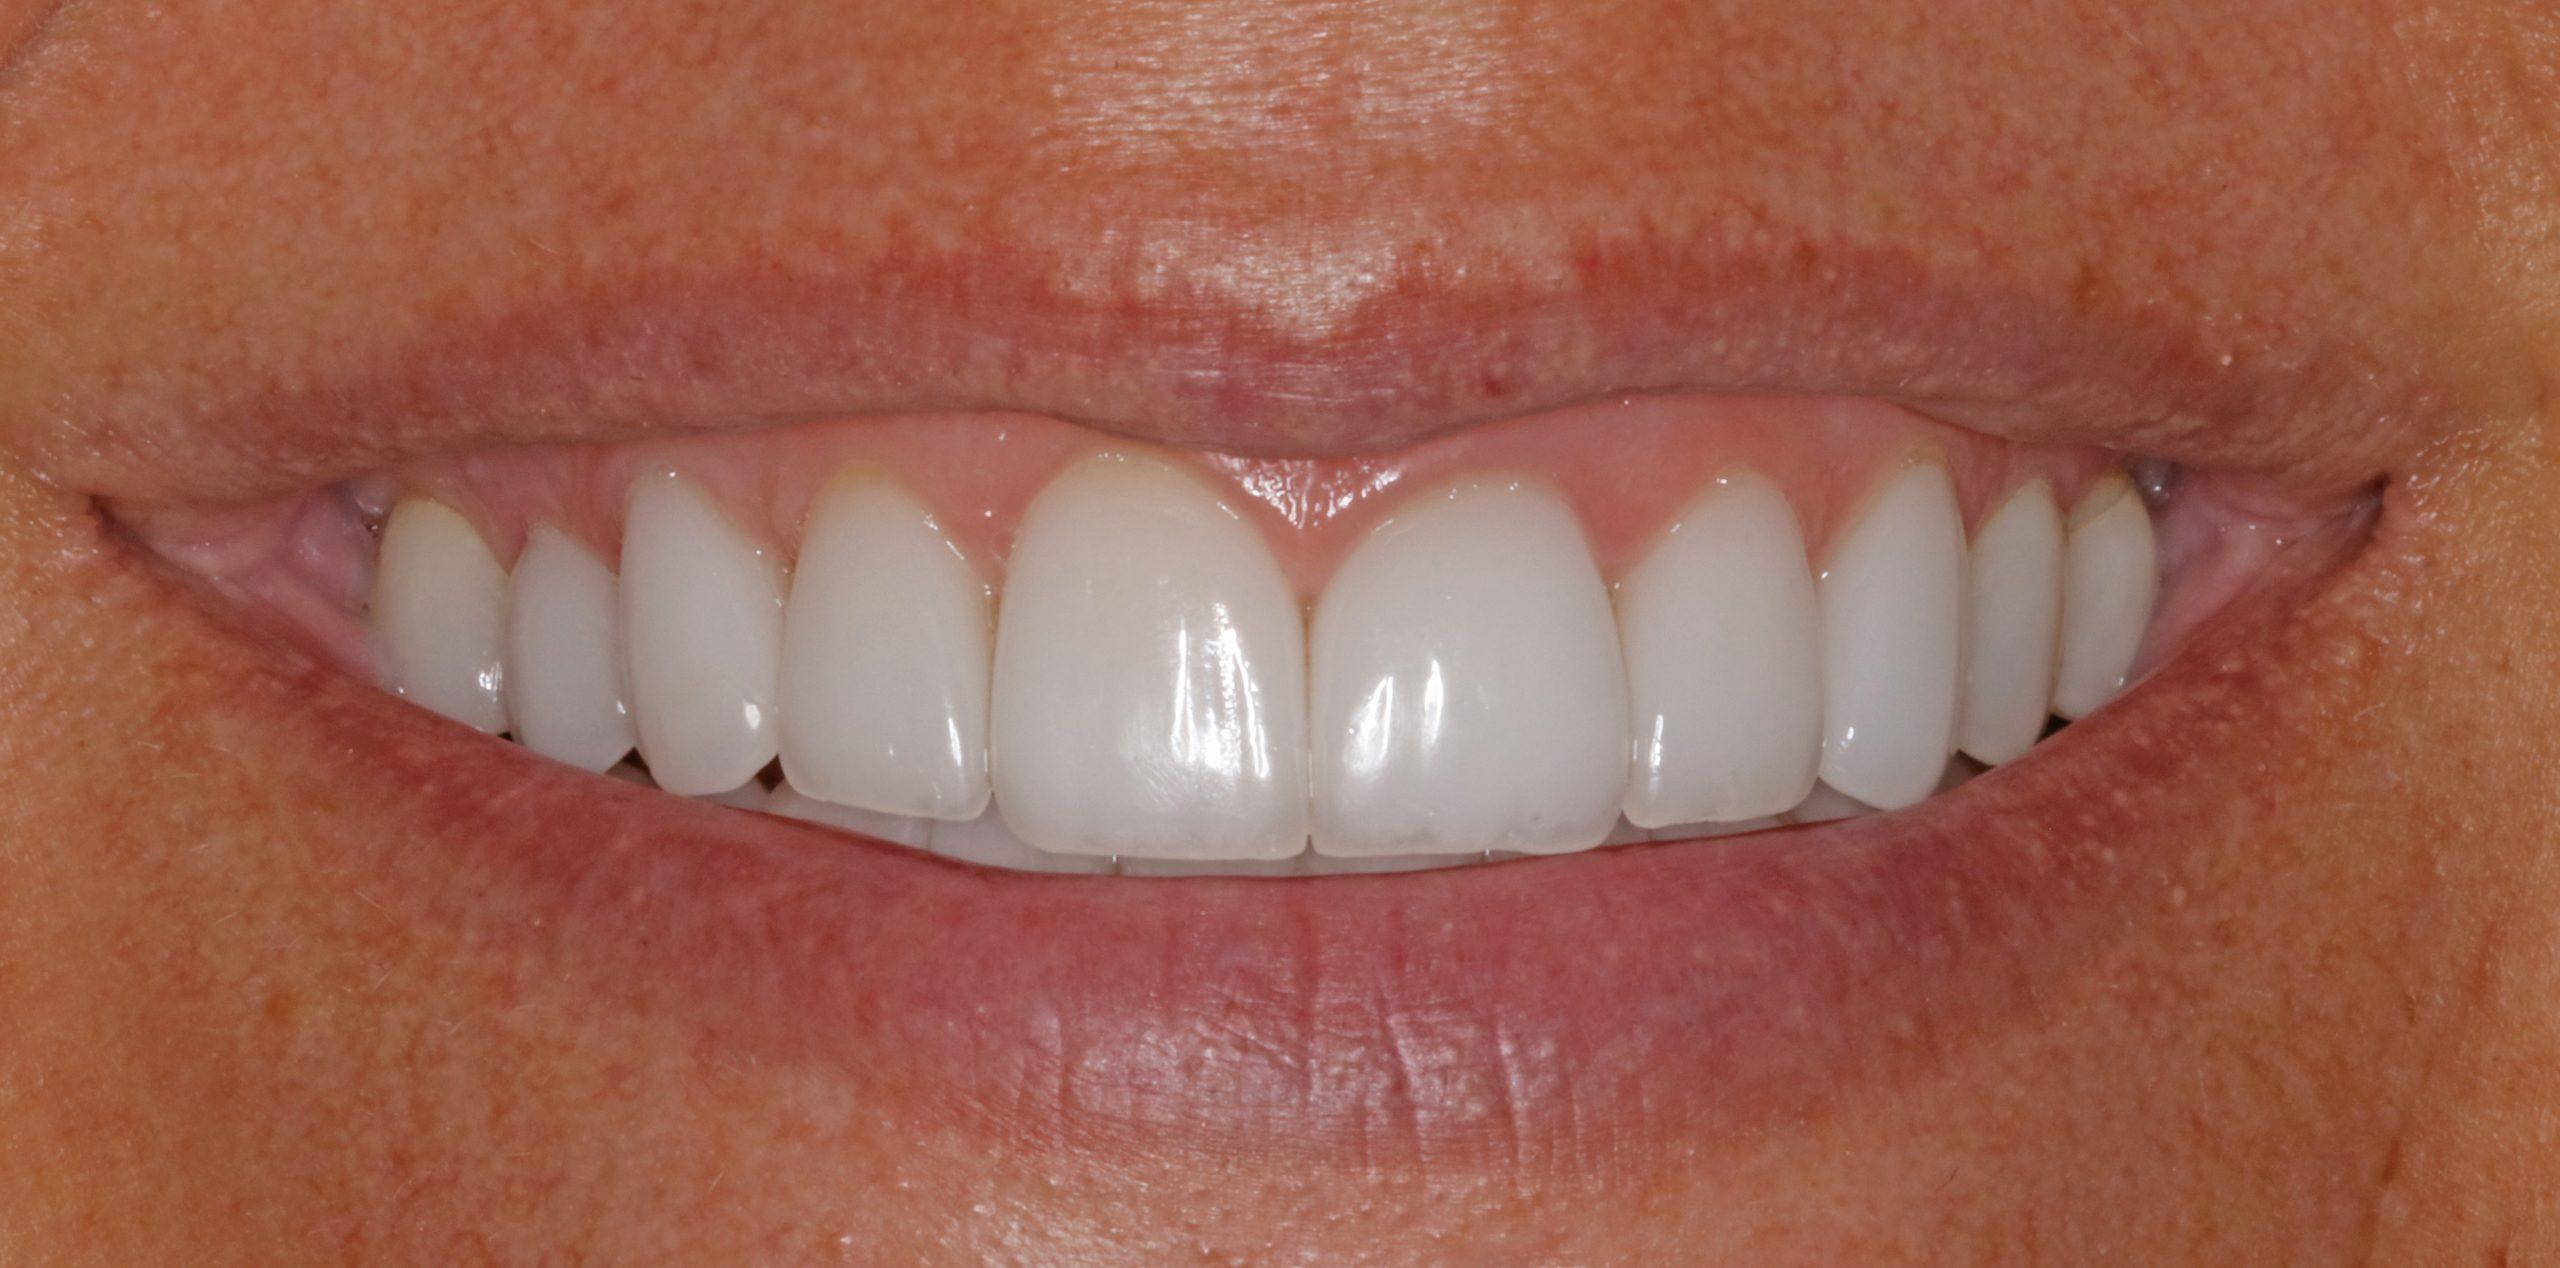 Dental veneers look great and enhance your smile.